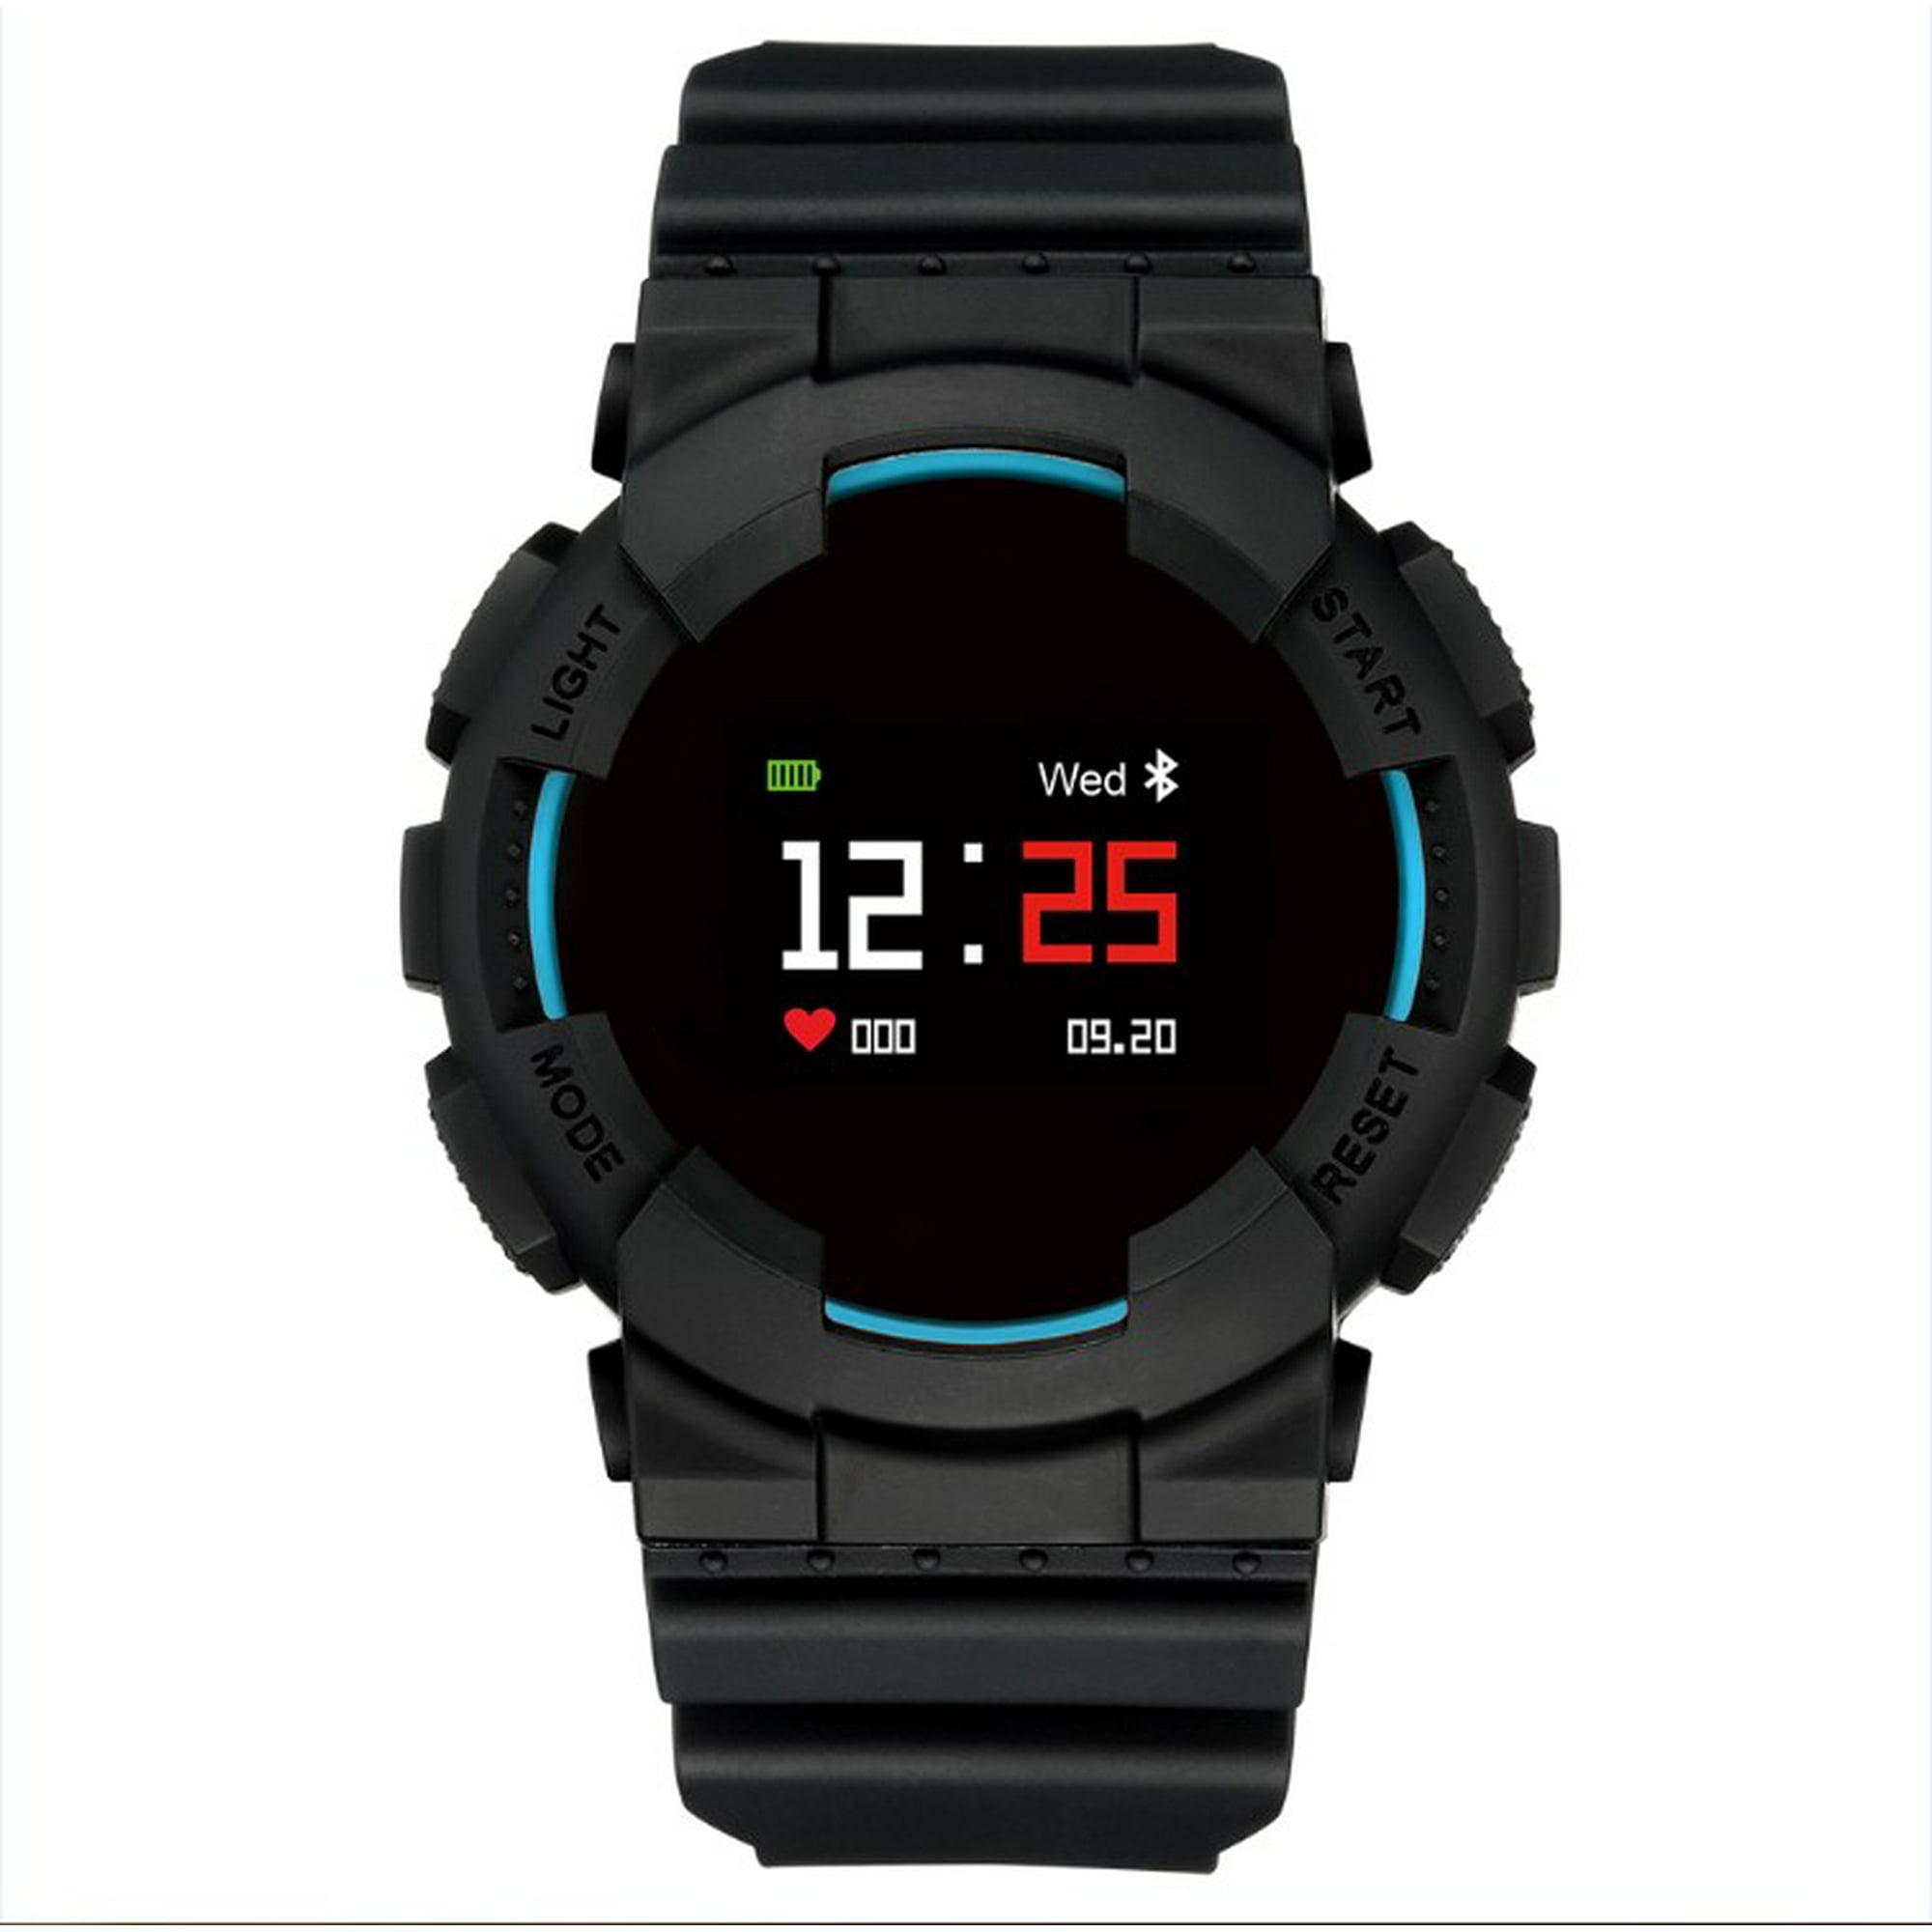 Handy MX IP68 Bracelet Heart Rate Blood Oxygen Monitor Smart Watch Tracker  SC US